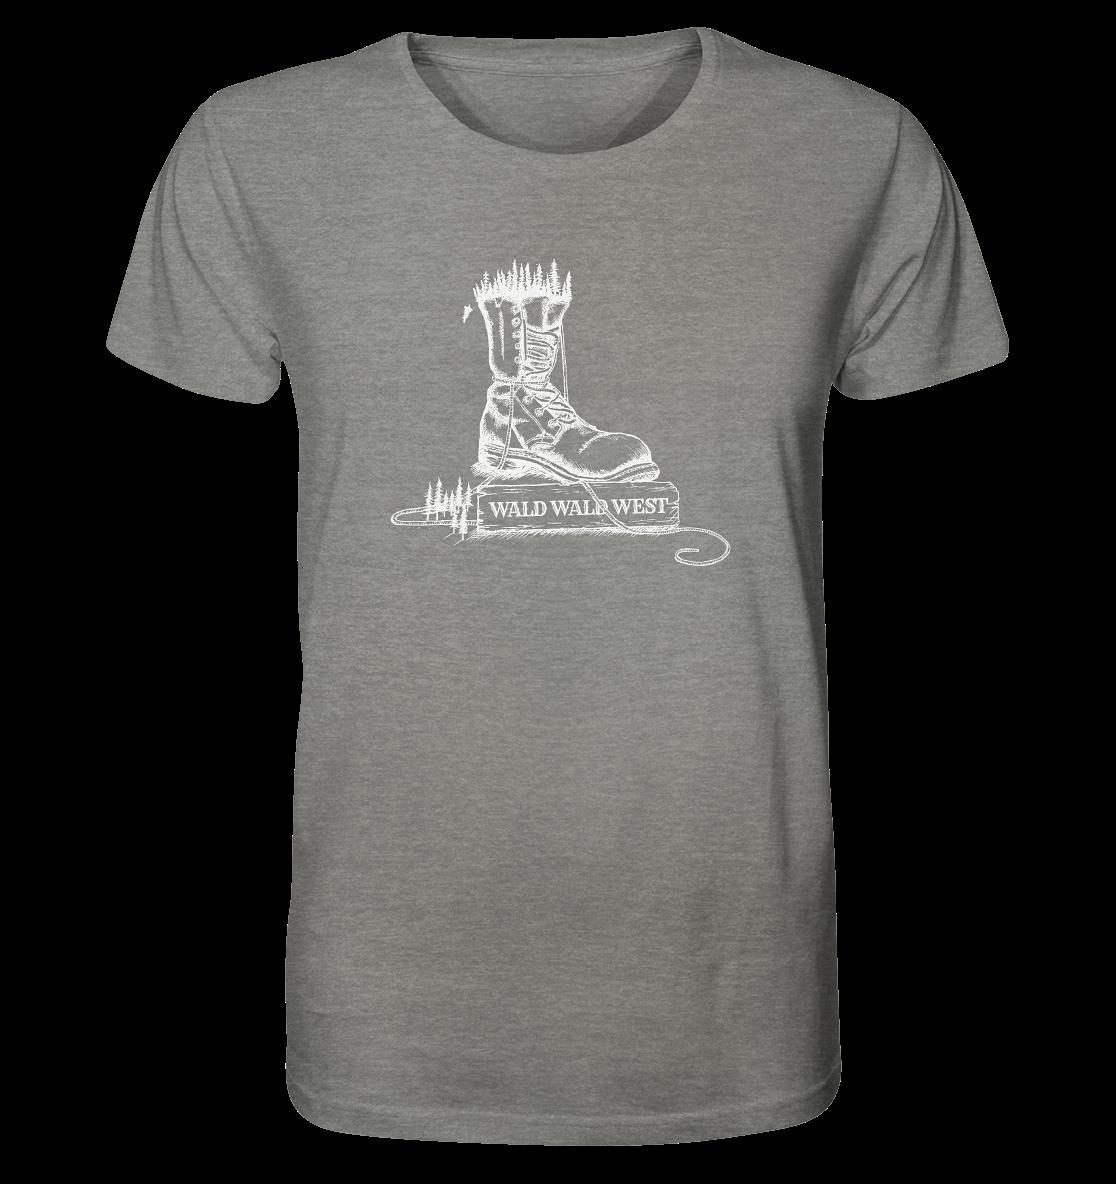 front-organic-shirt-meliert-818381-1116x.png